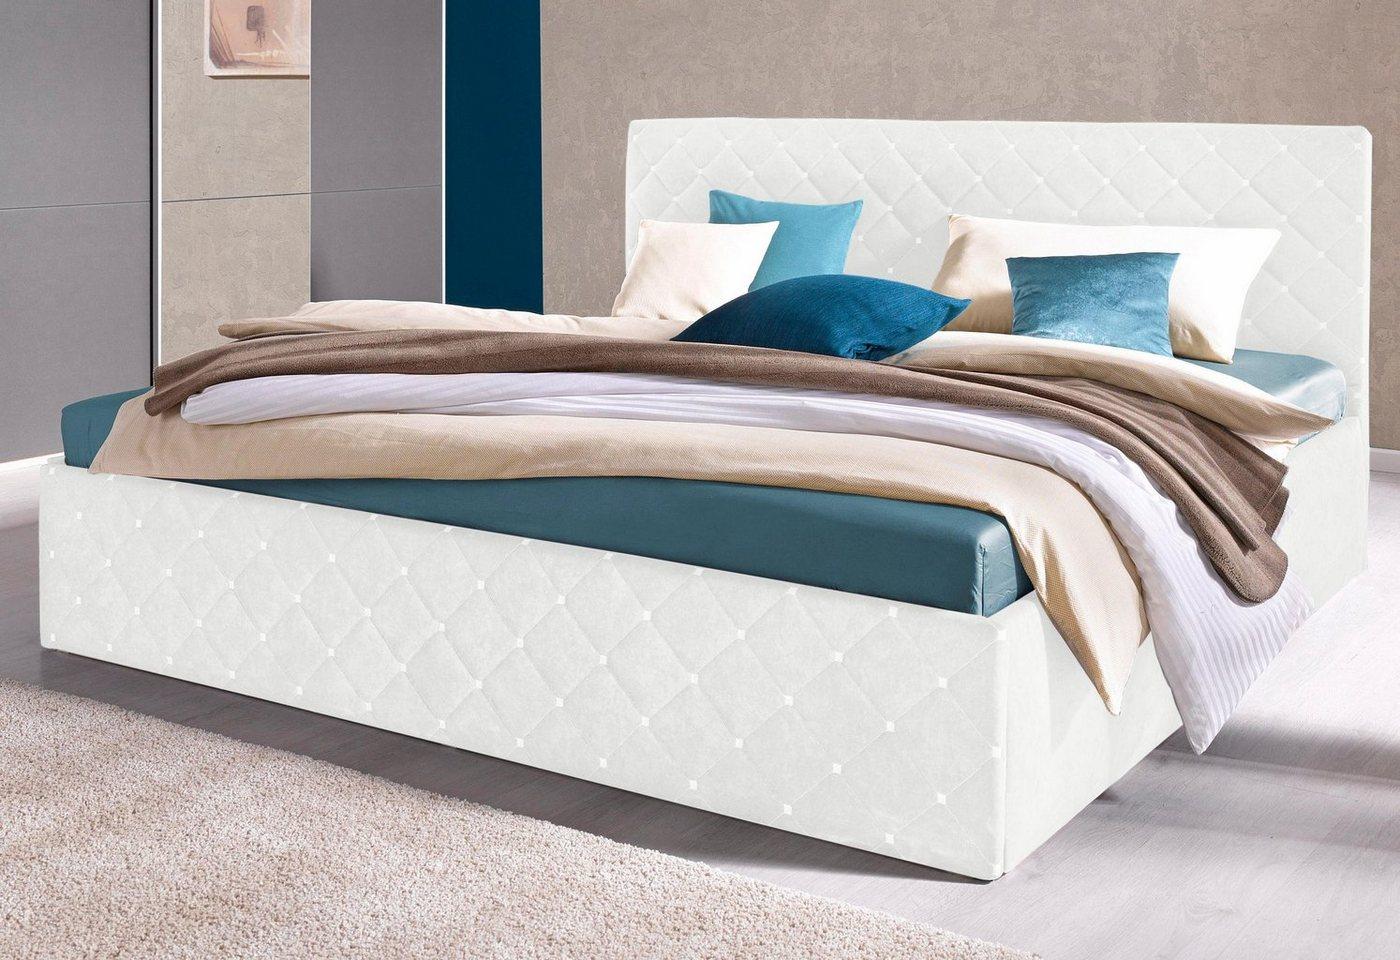 WESTFALIA POLSTERBETTEN Bed in 2 kleuren